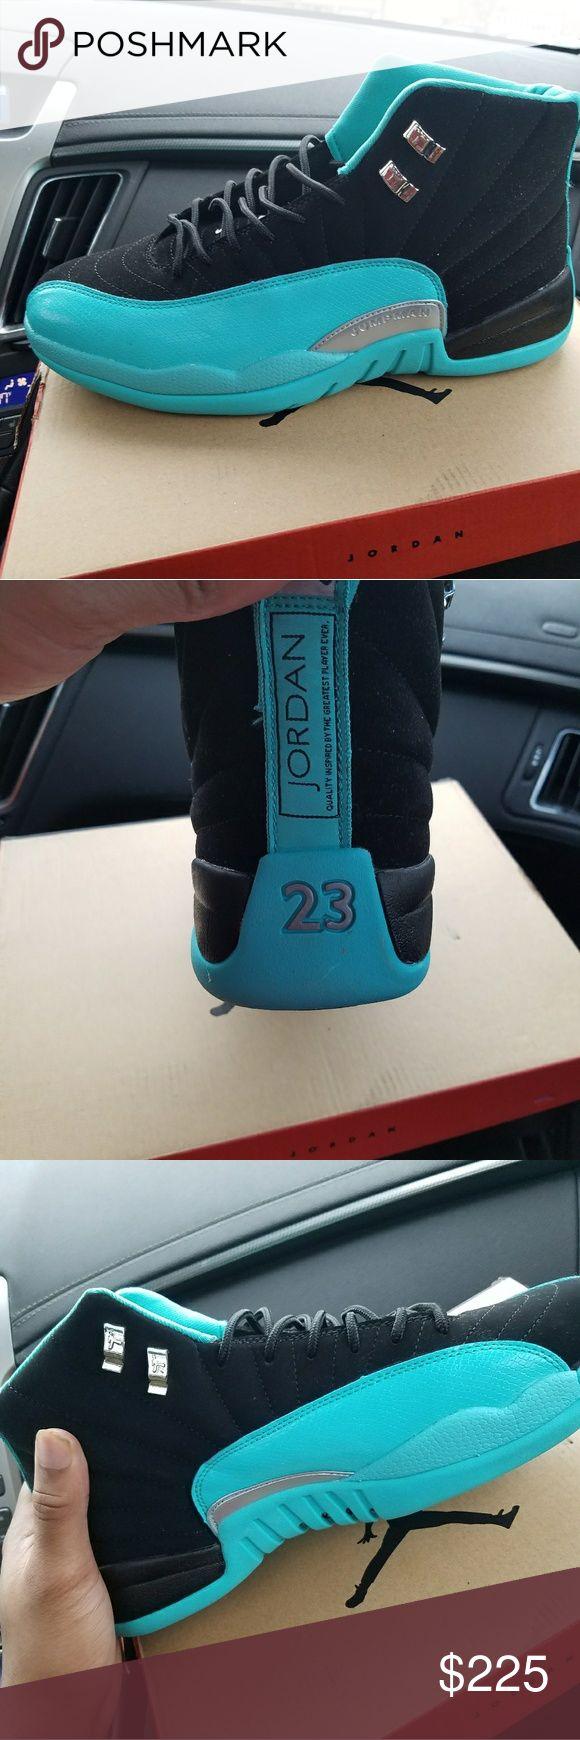 Teal Jordan's Been worn once. No flaws. Jordan Shoes Sneakers